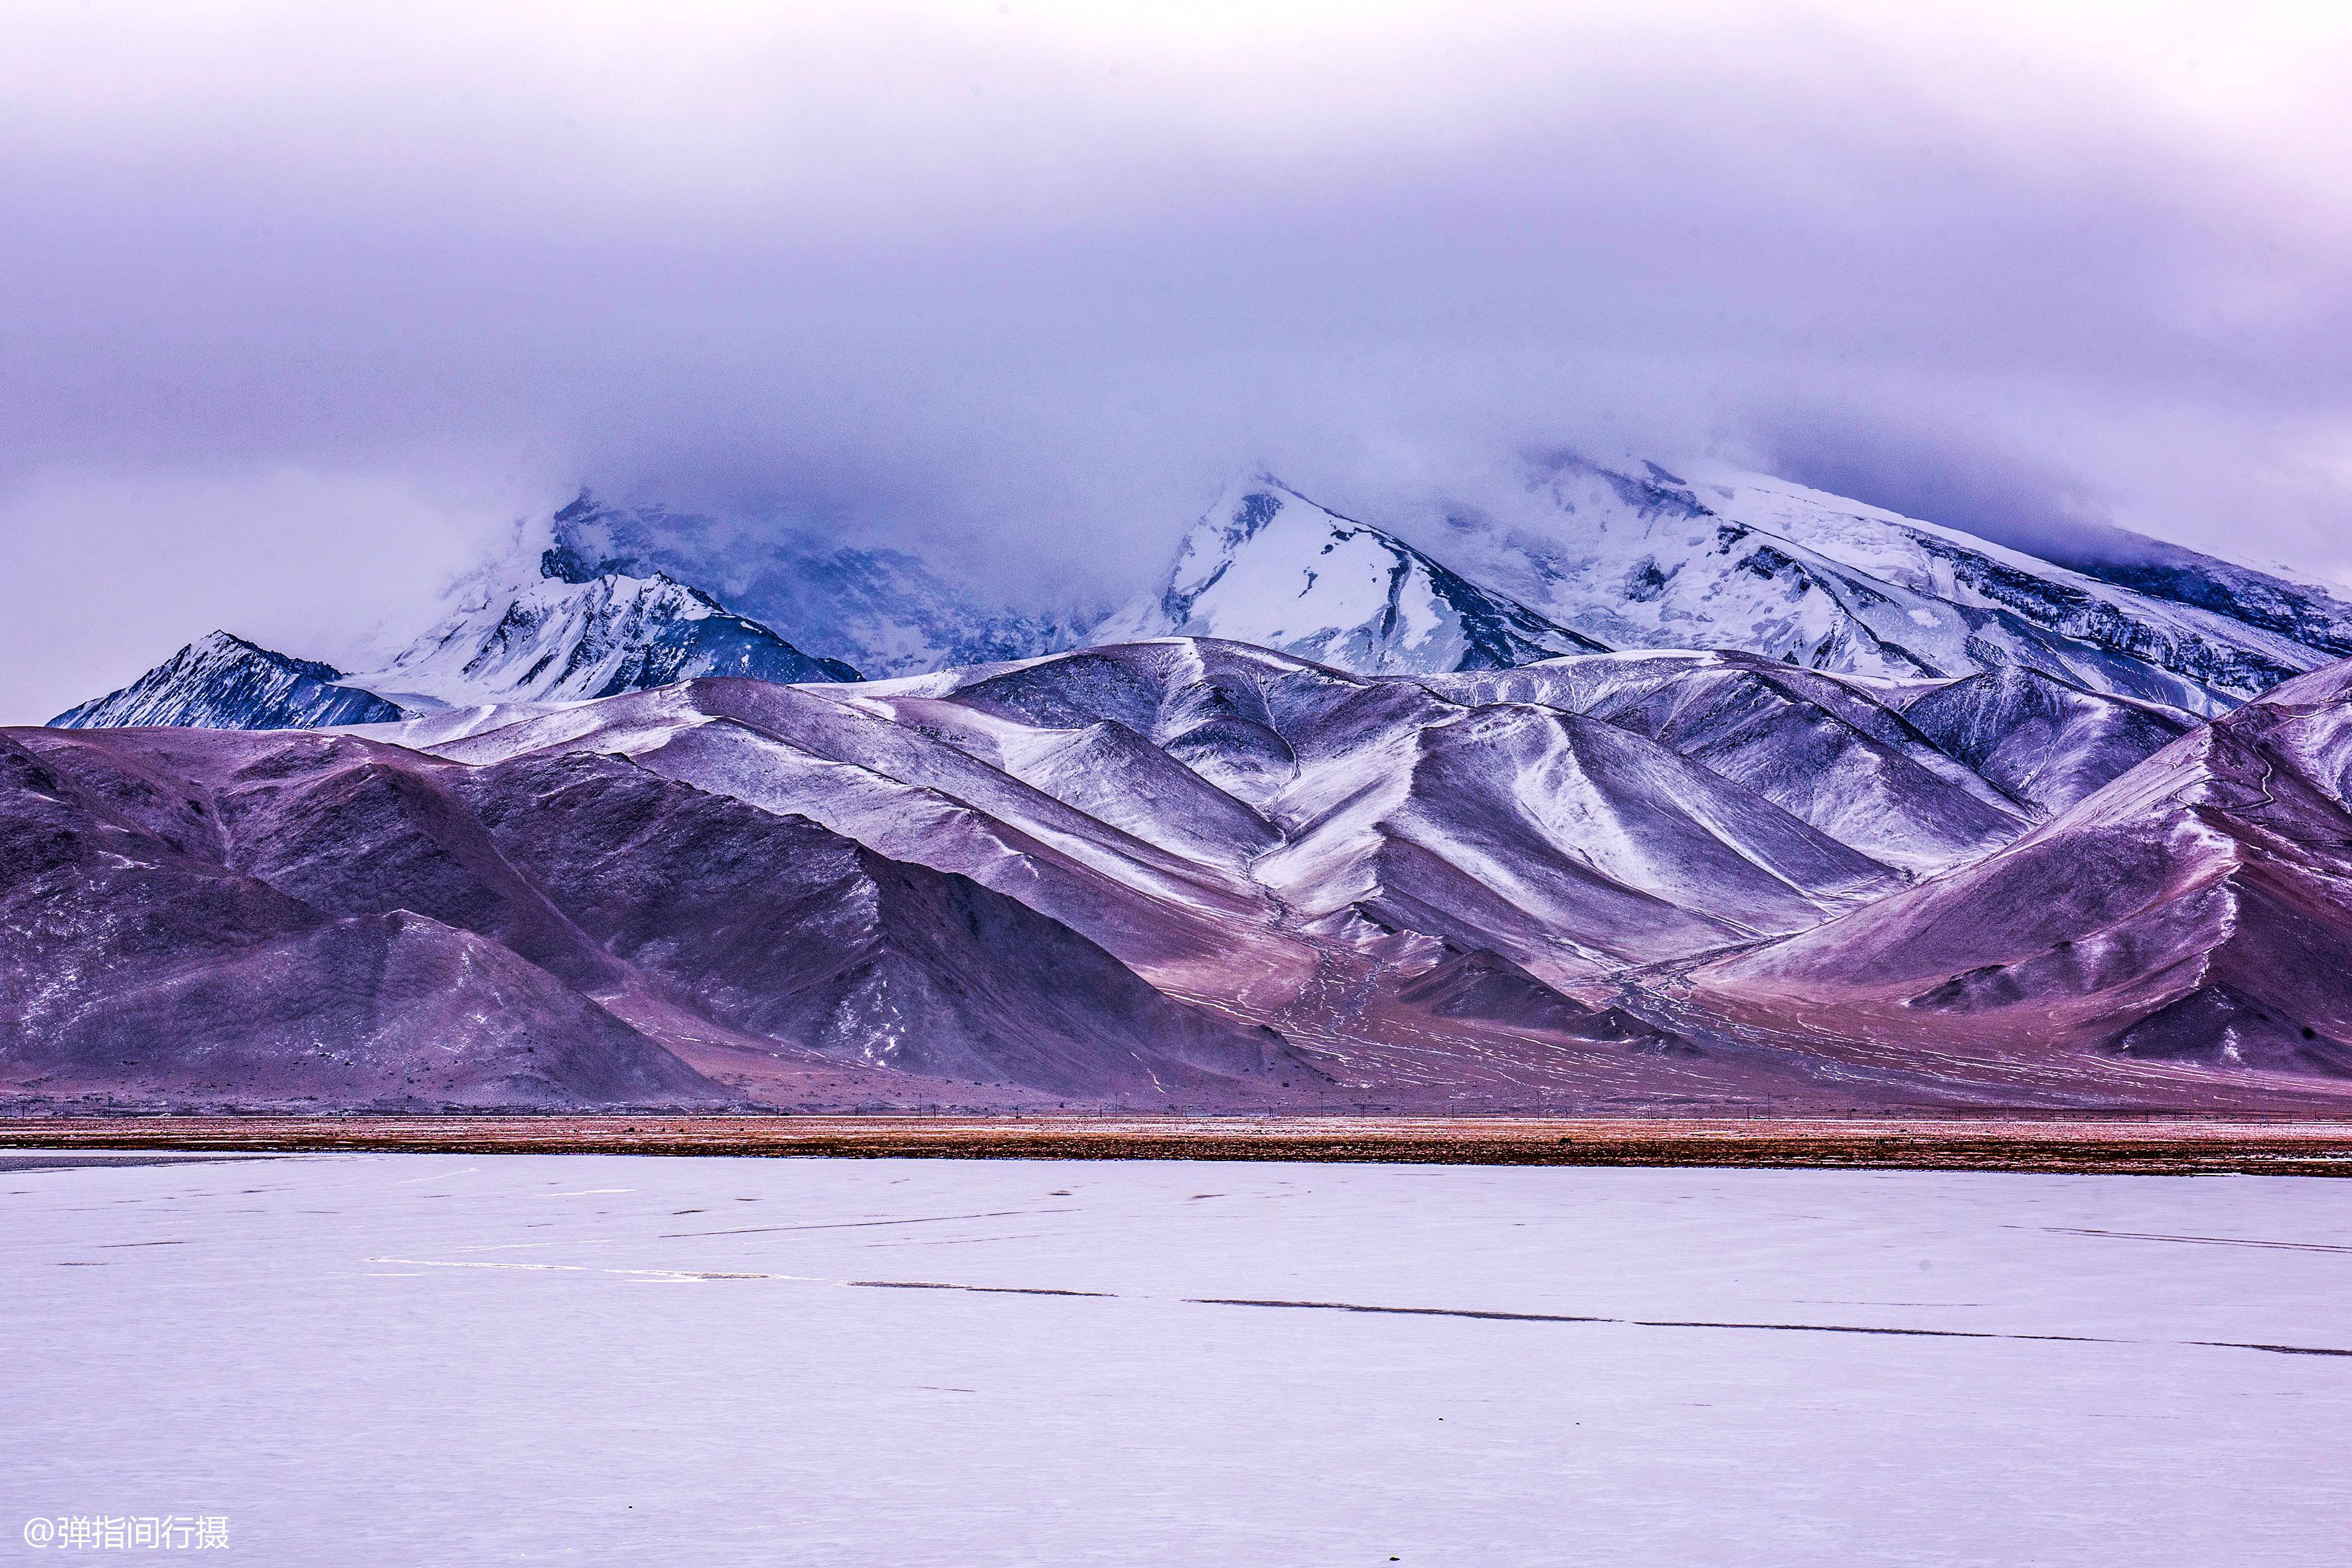 """帕米尔高原有个""""变色湖"""",湖水会变换不同色彩,成因众说纷纭!"""